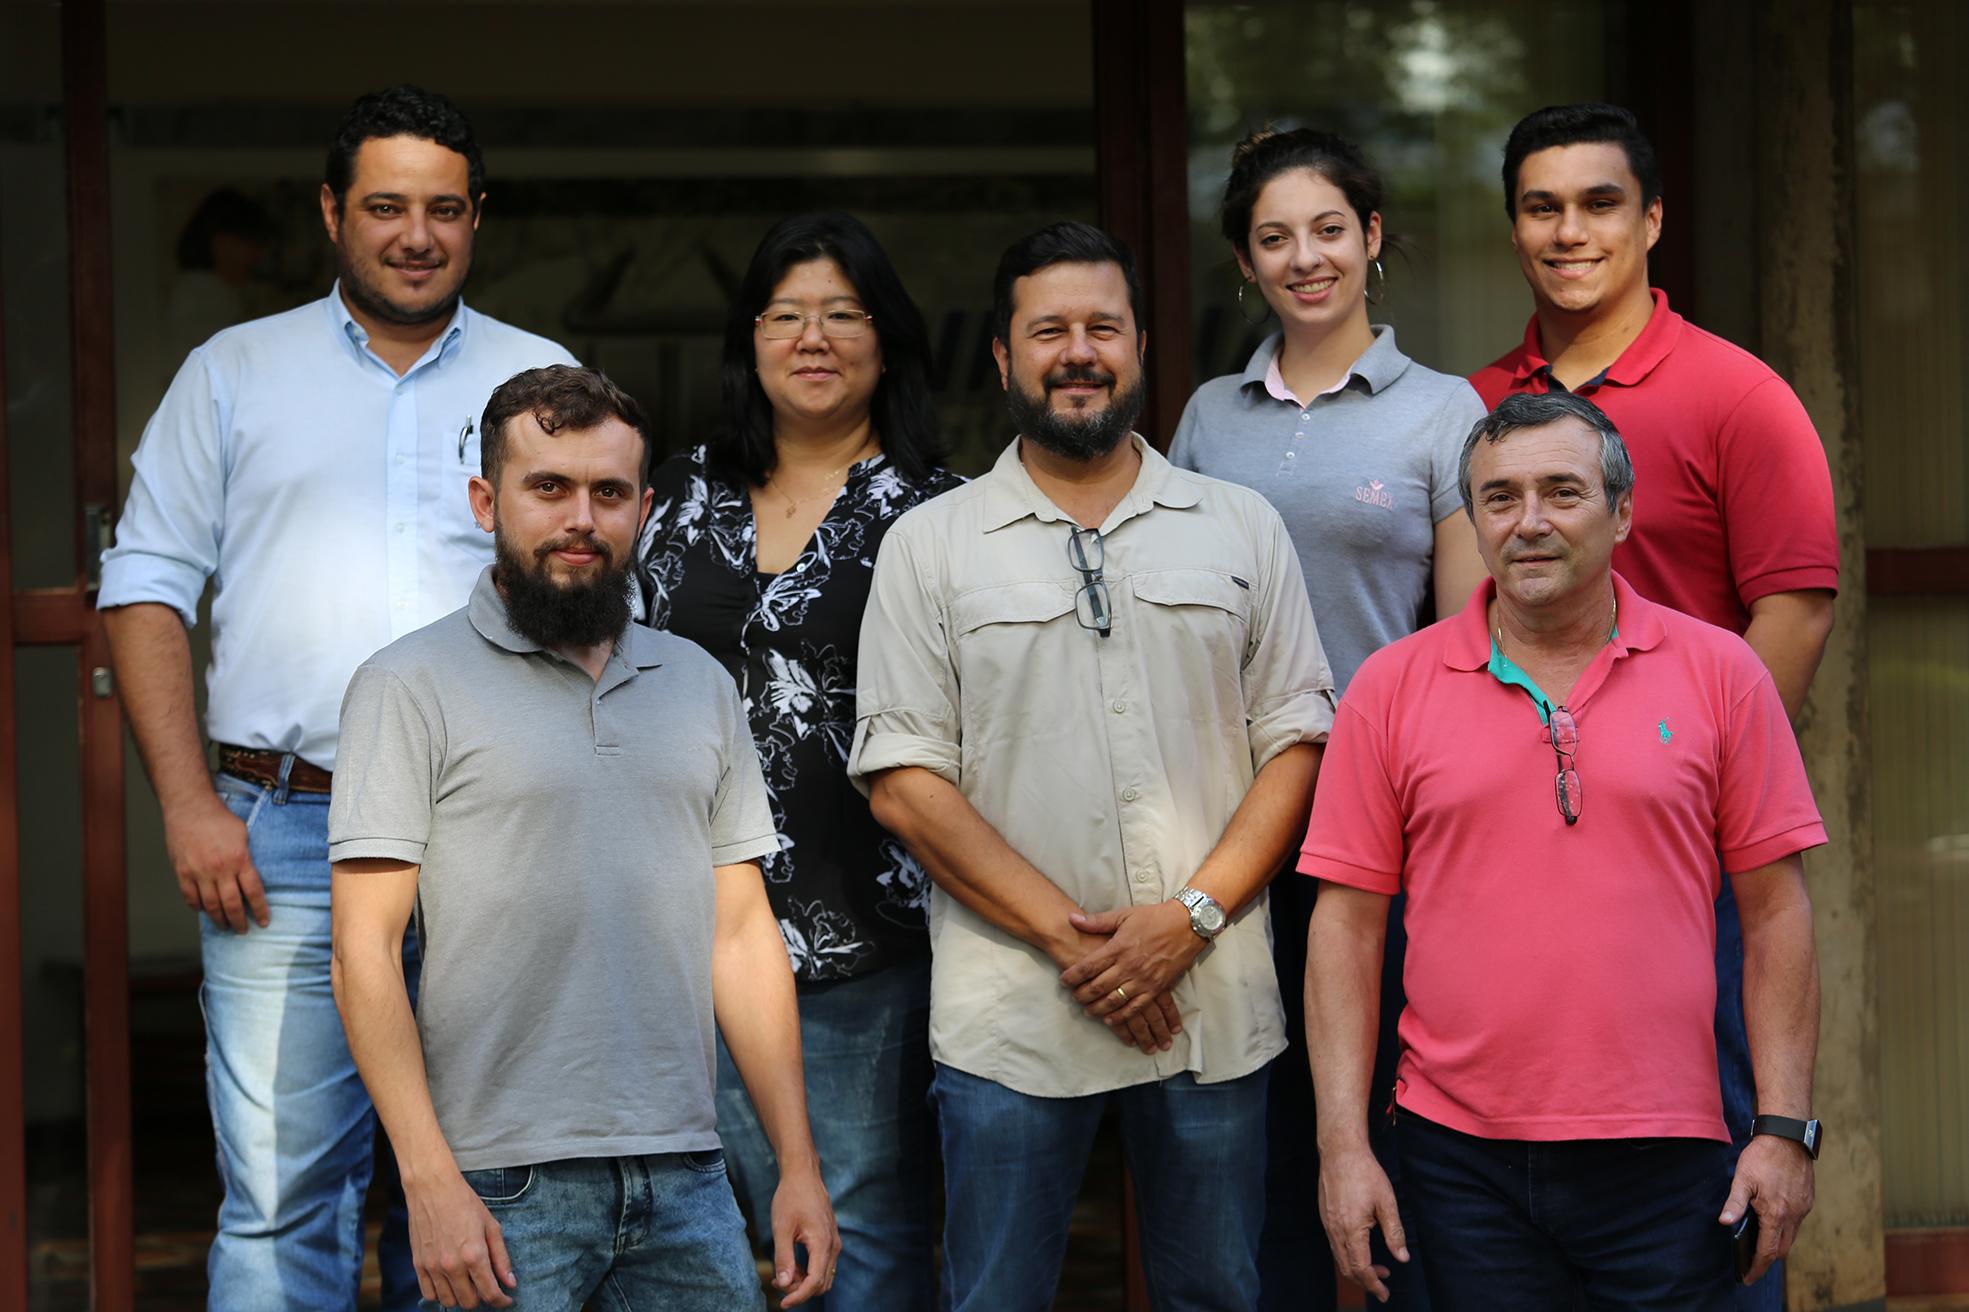 Grupo Semex planeja ampliação de exportações para 2018